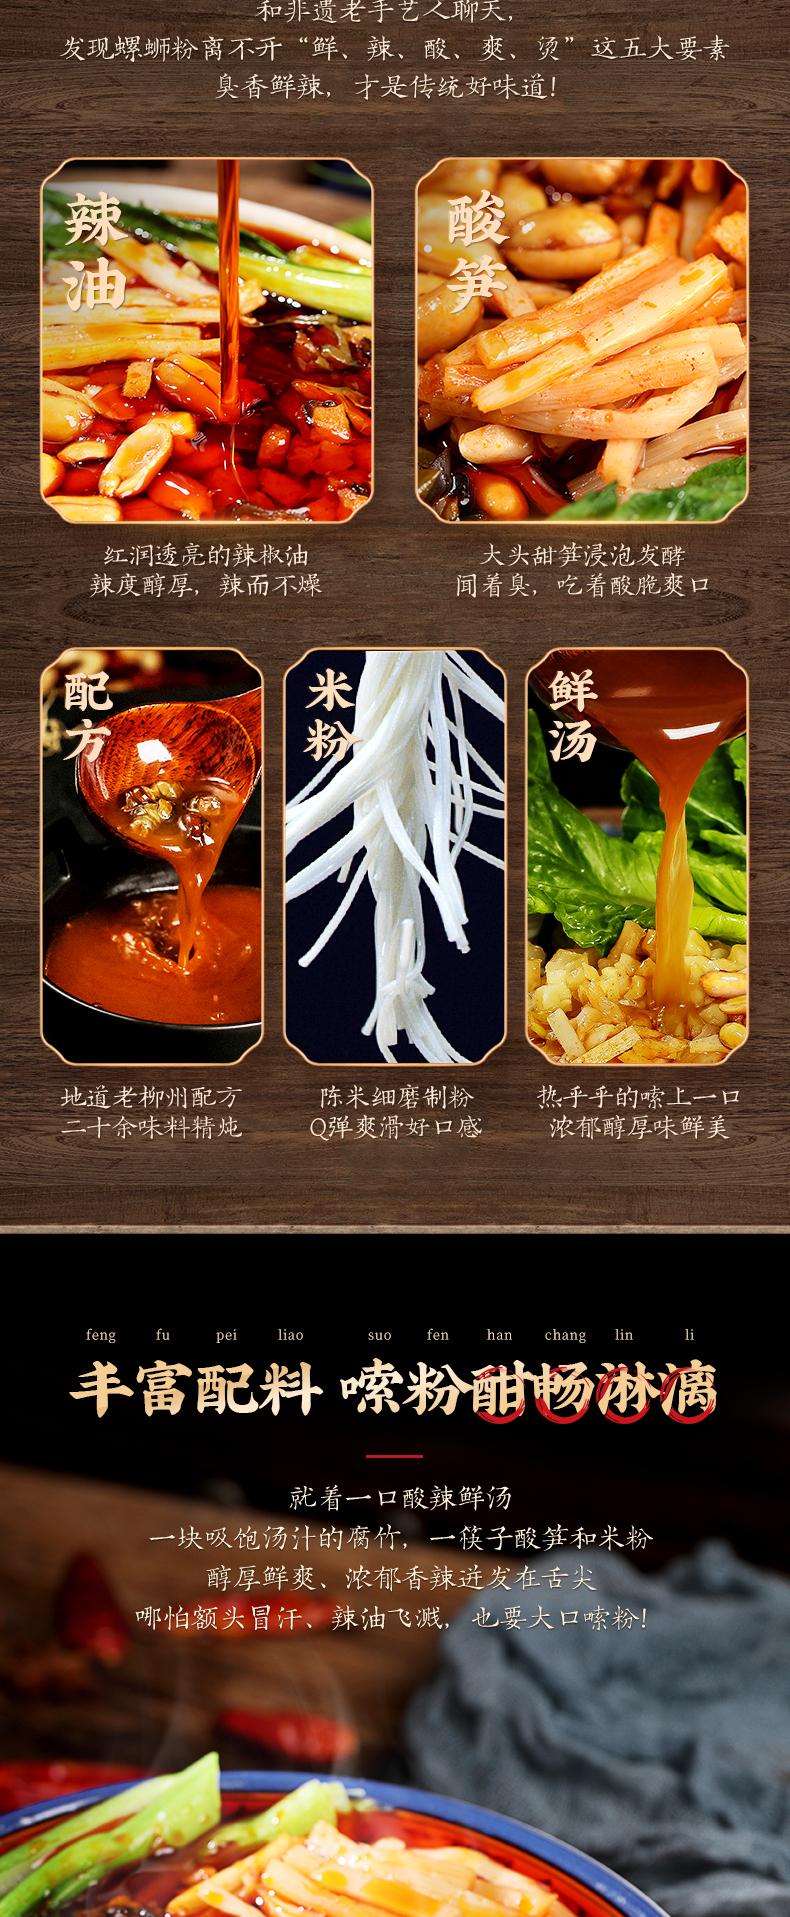 【猫超】螺蛳粉335g*4袋